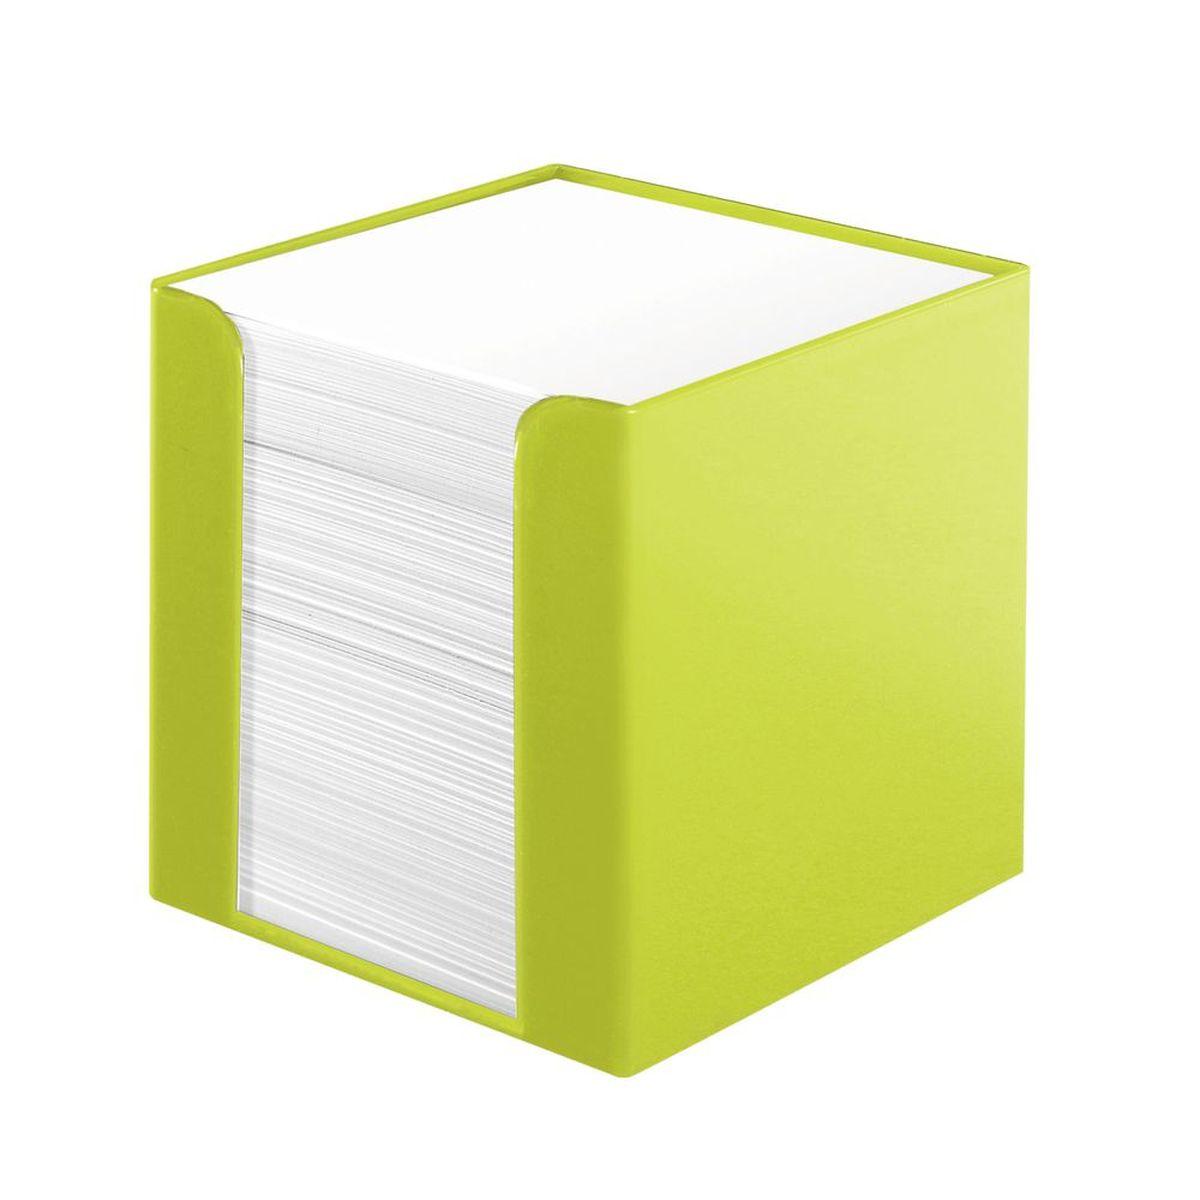 Herlitz Бумага для заметок Colour Blocking цвет подставки лимонный